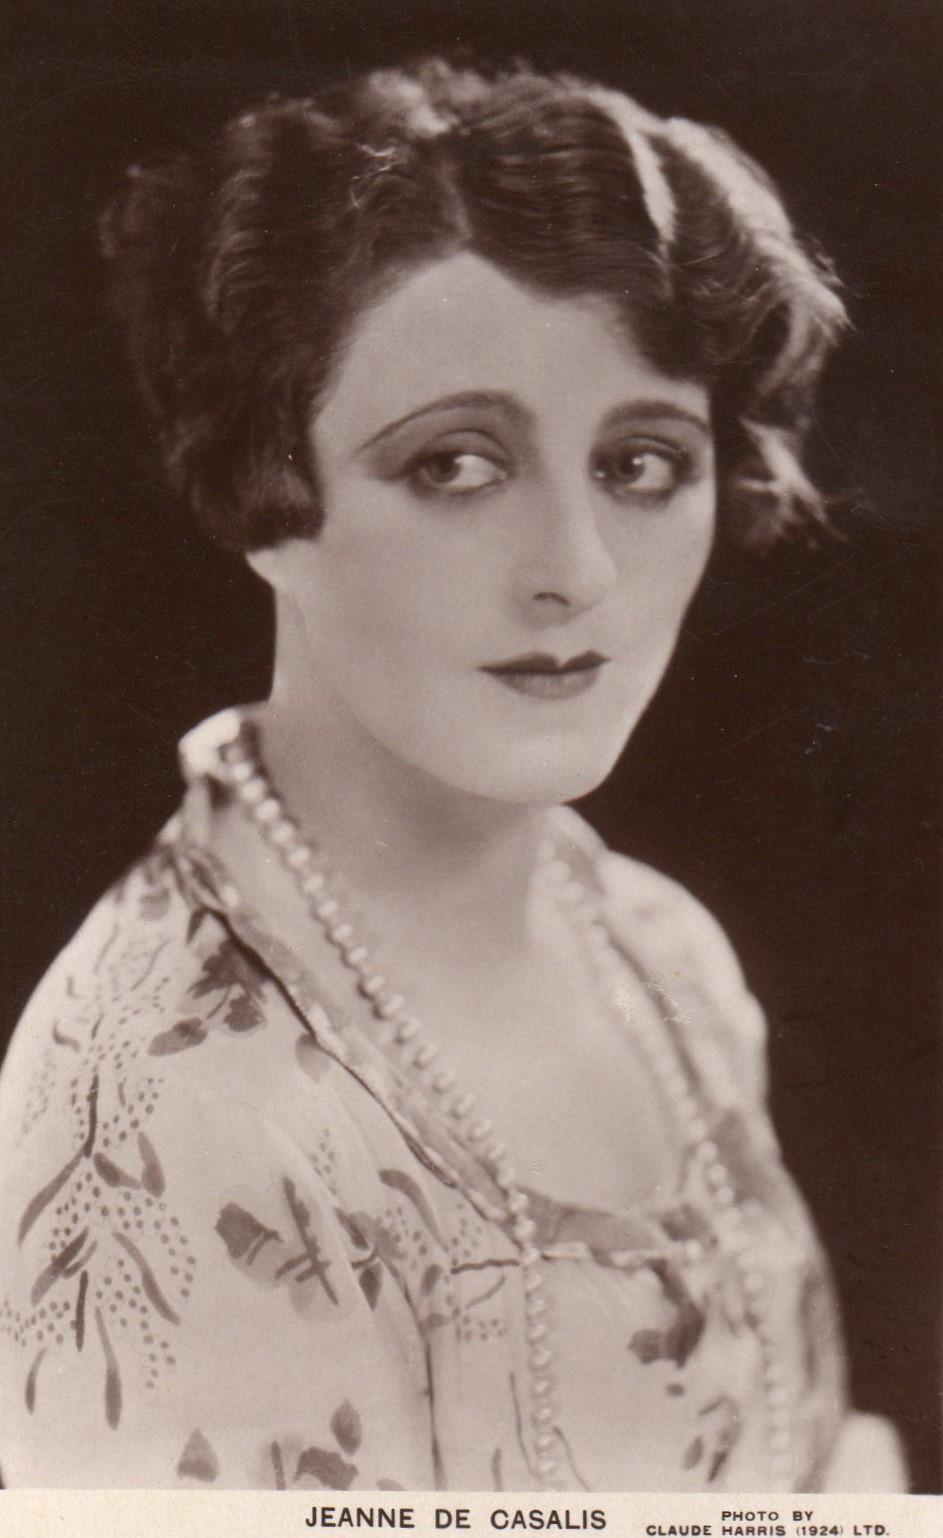 Jeanne de Casalis